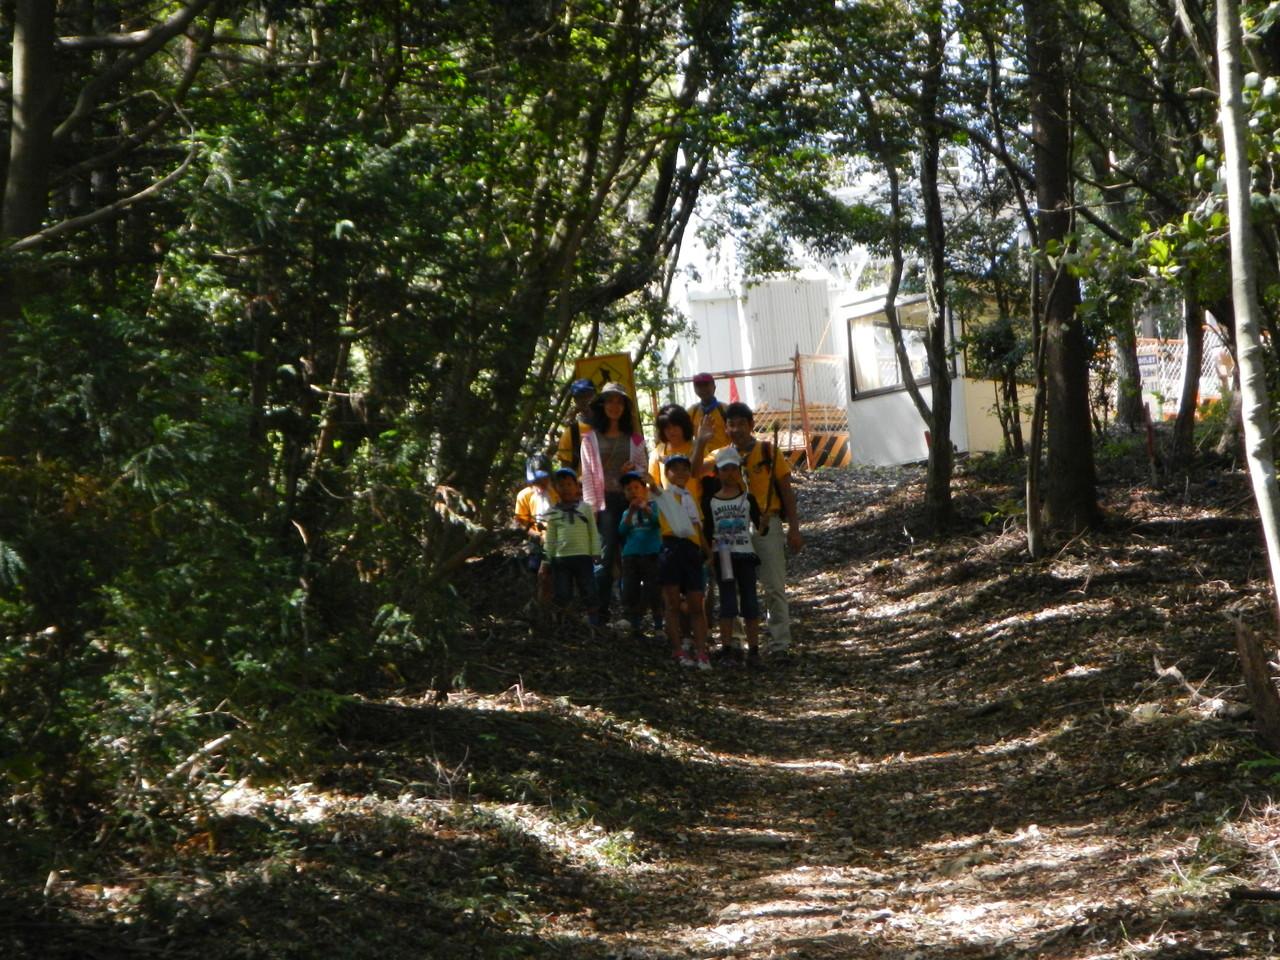 コースの反対から、ビーバー・カブ隊が現れました